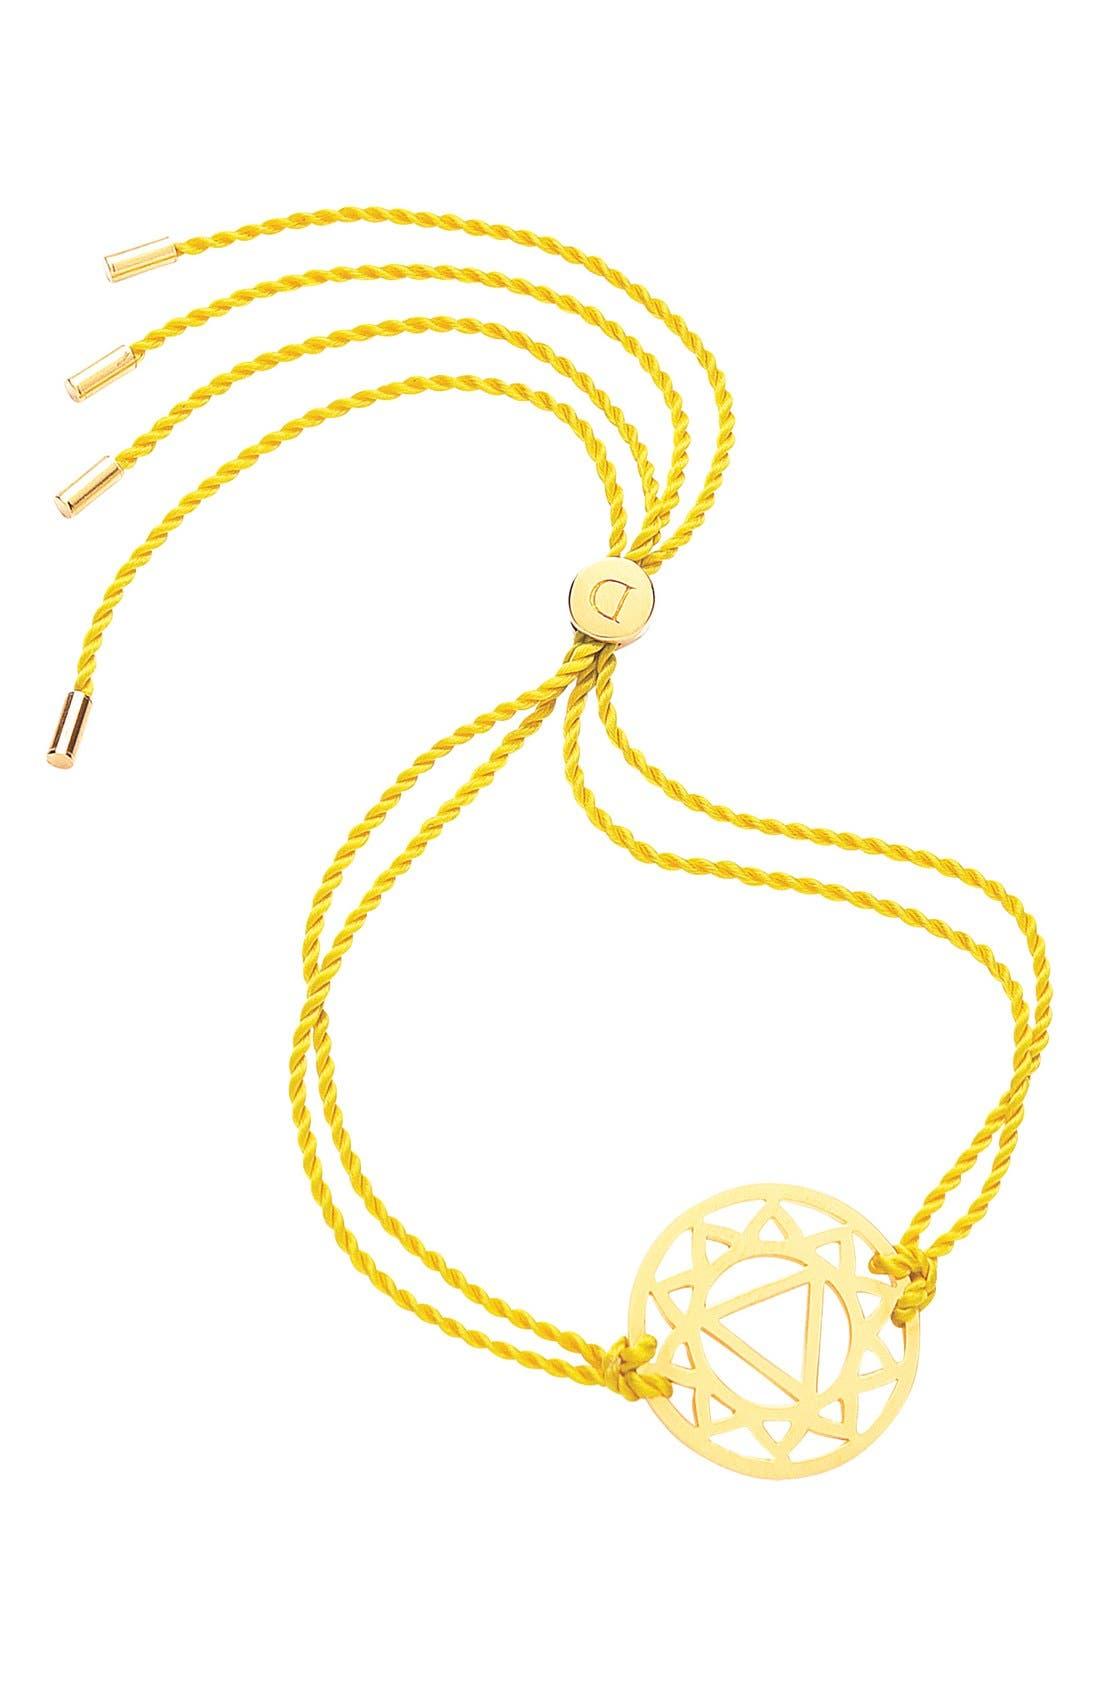 DAISY LONDON 'Solar Plexus Chakra' Cord Bracelet